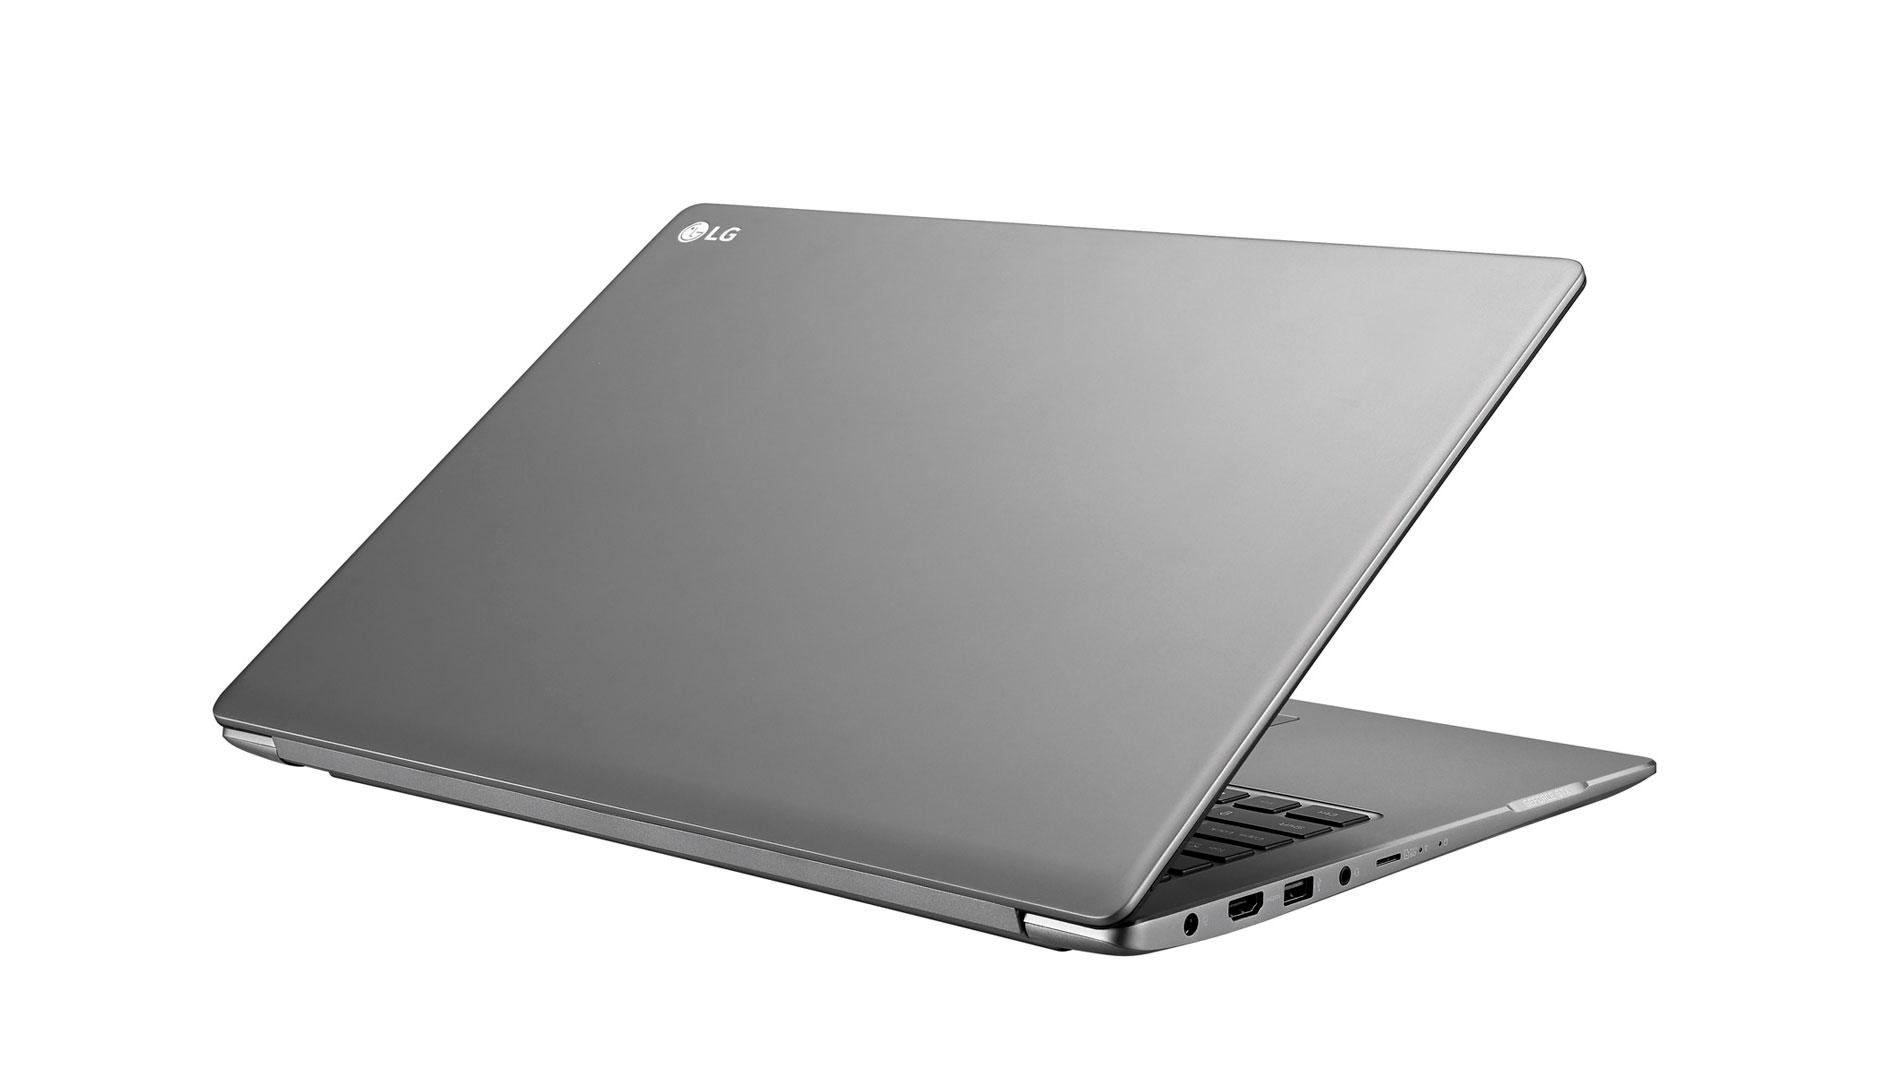 """LG 15U70N Intel Core i7-10510U/16GB/512GB SSD/GTX1050/15.6"""""""